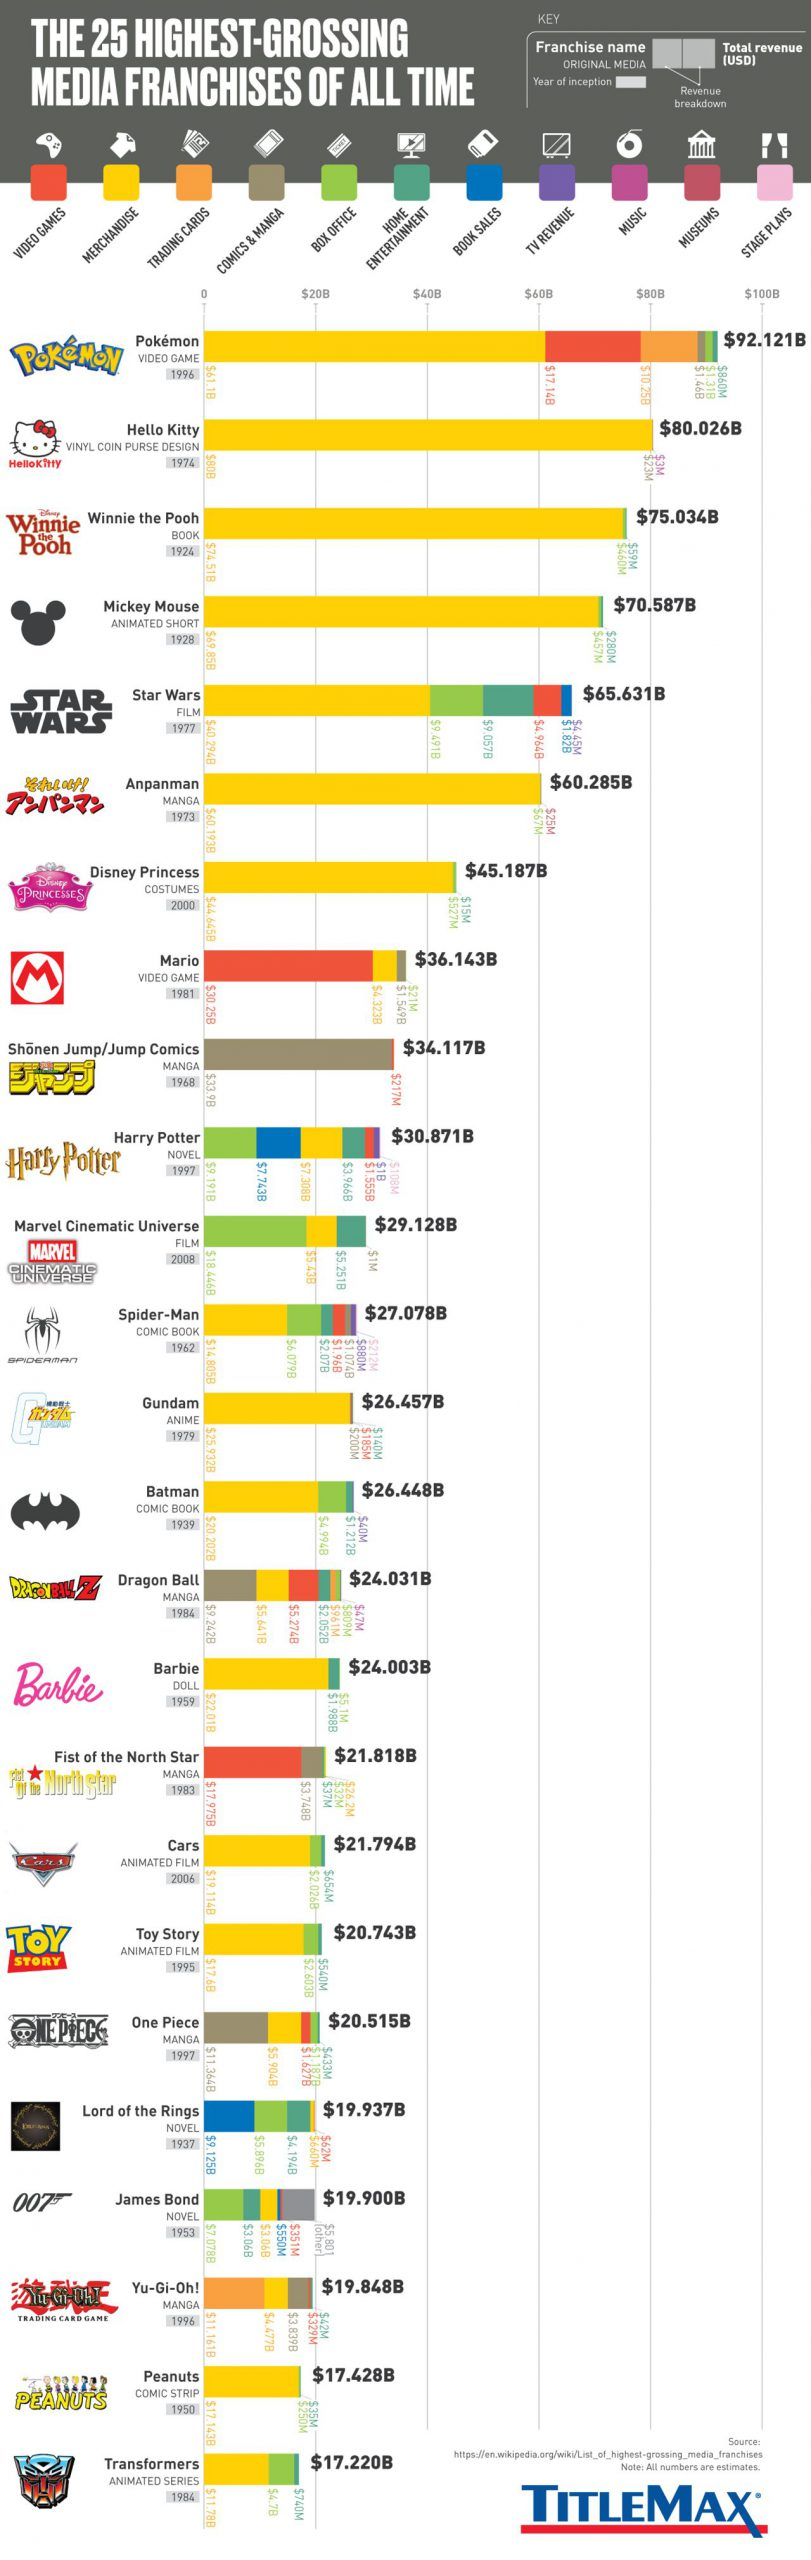 f02c60d2 25 highest grossing media franchises all time 4 scaled - スーパーマリオブラザーズ35周年、39作品の累計売り上げ3・7億本…巣ごもり効果も後押し